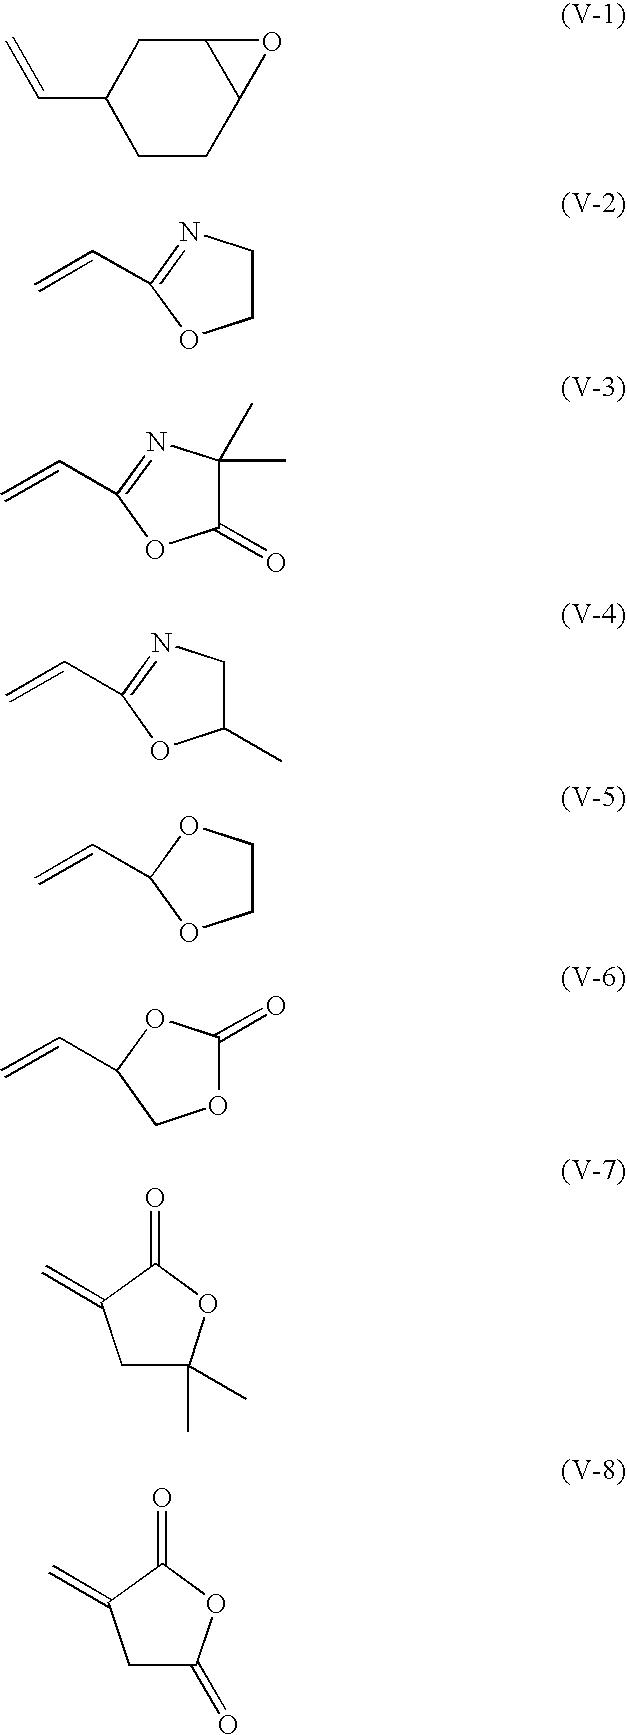 Figure US20090011367A1-20090108-C00012